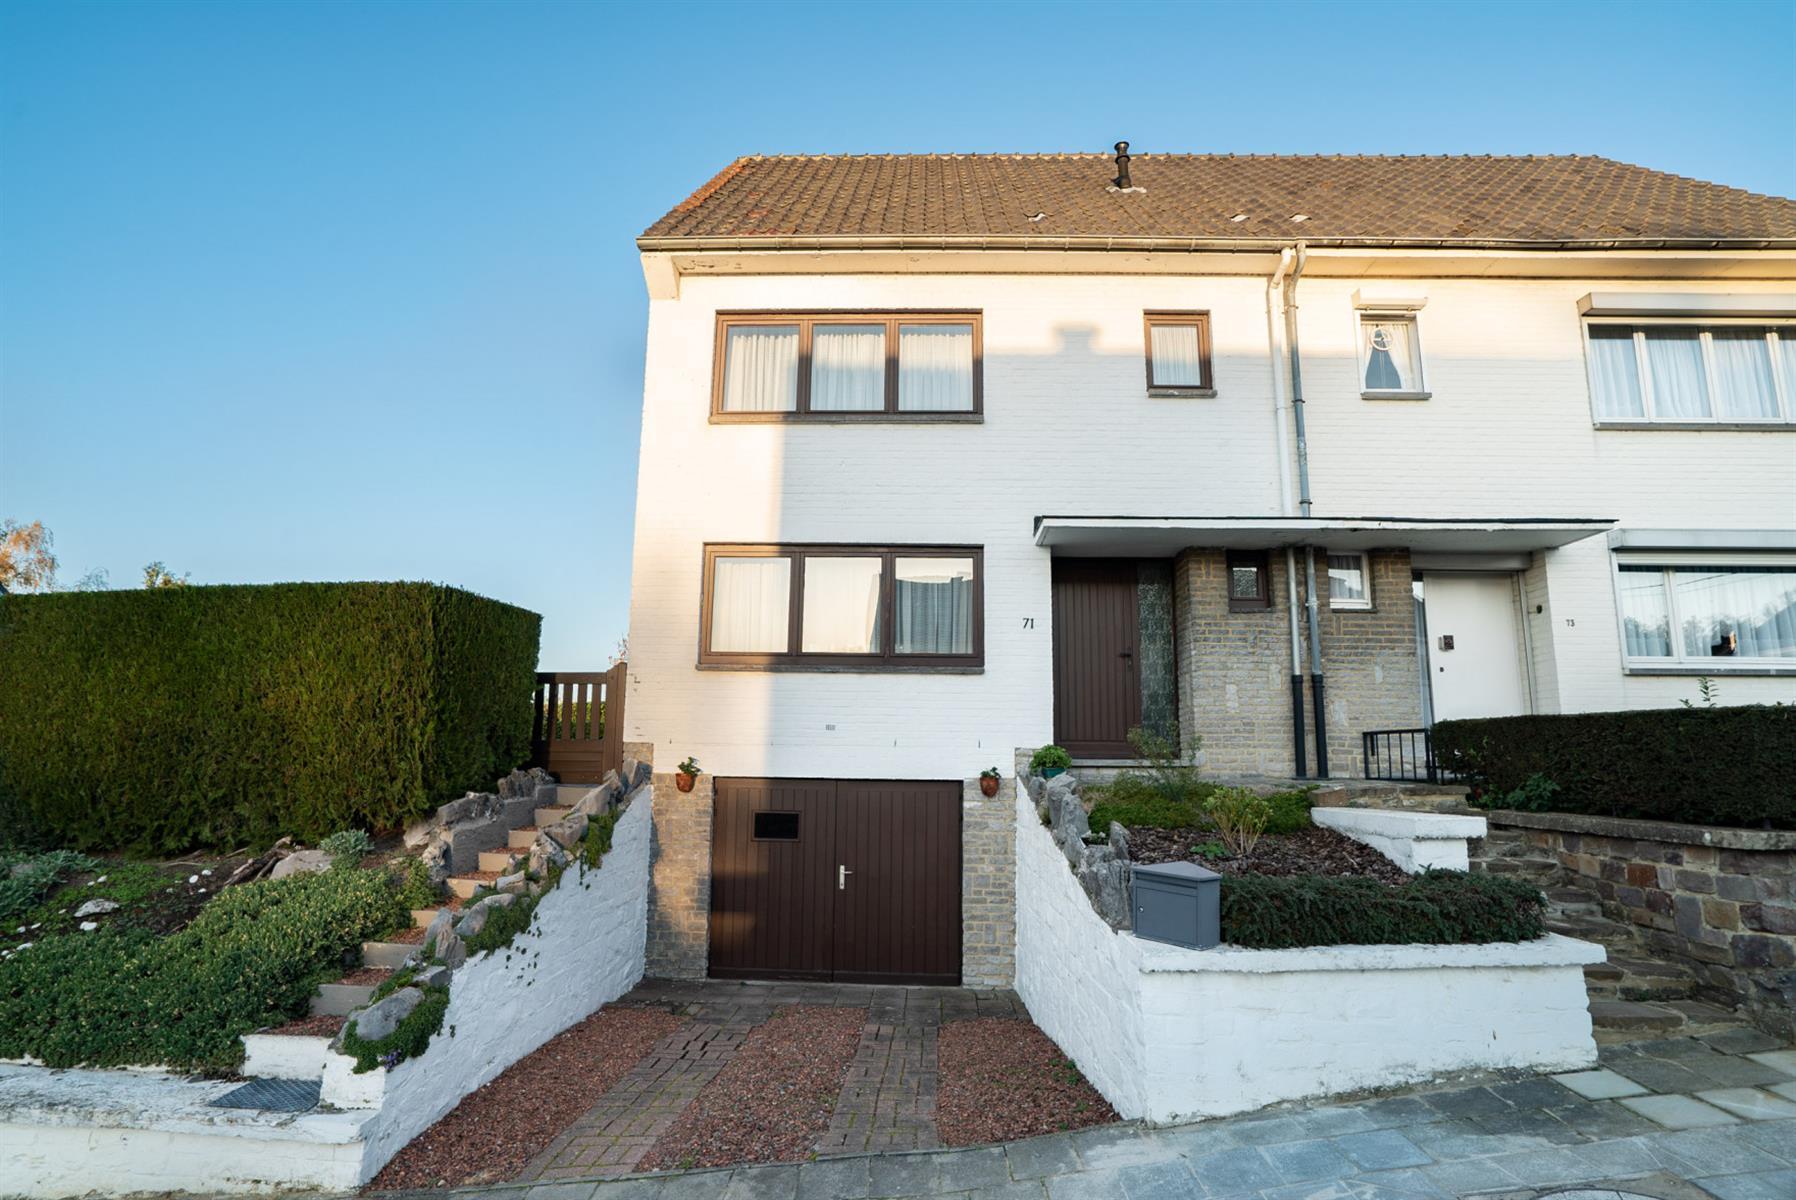 Maison - Ottignies - #4194171-0